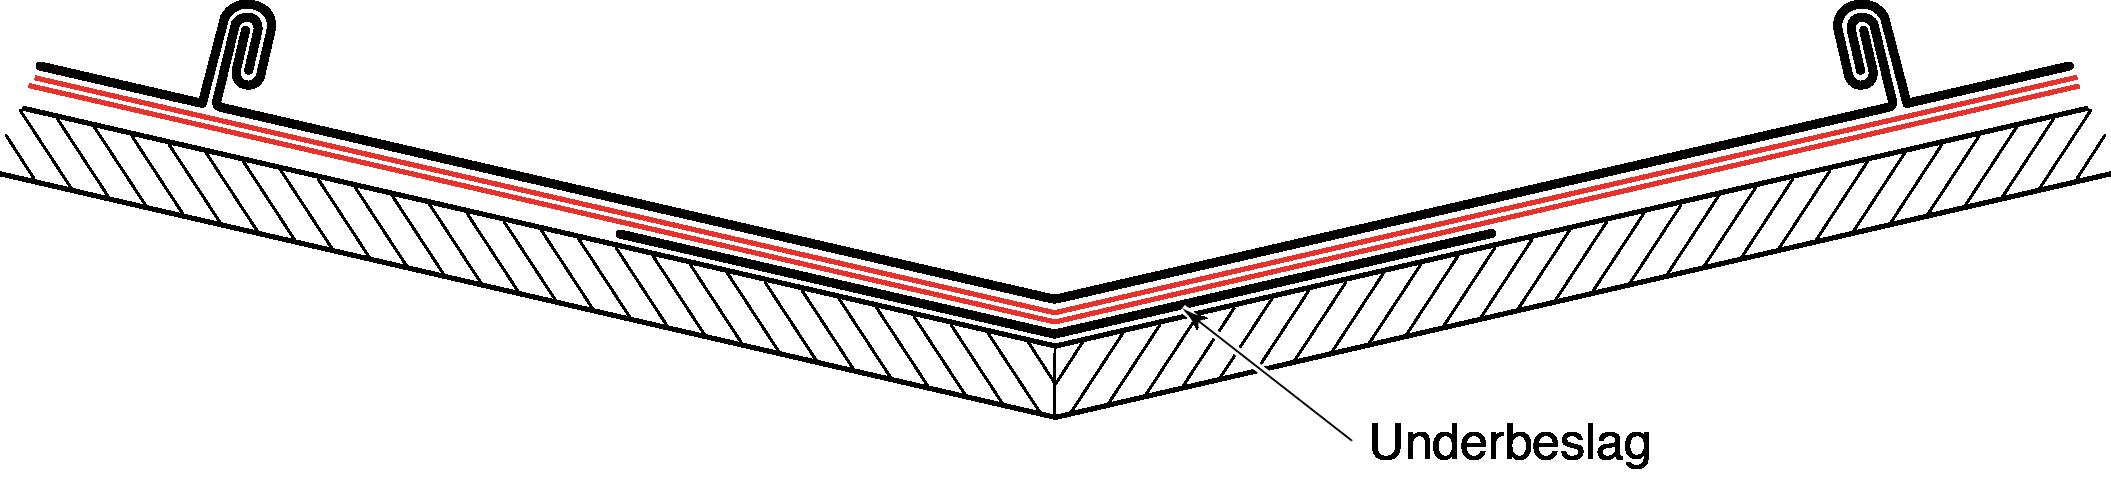 Figur 10:80. Vinkelränna med underbeslag av plåt. Illustration: Torbjörn Osterling.